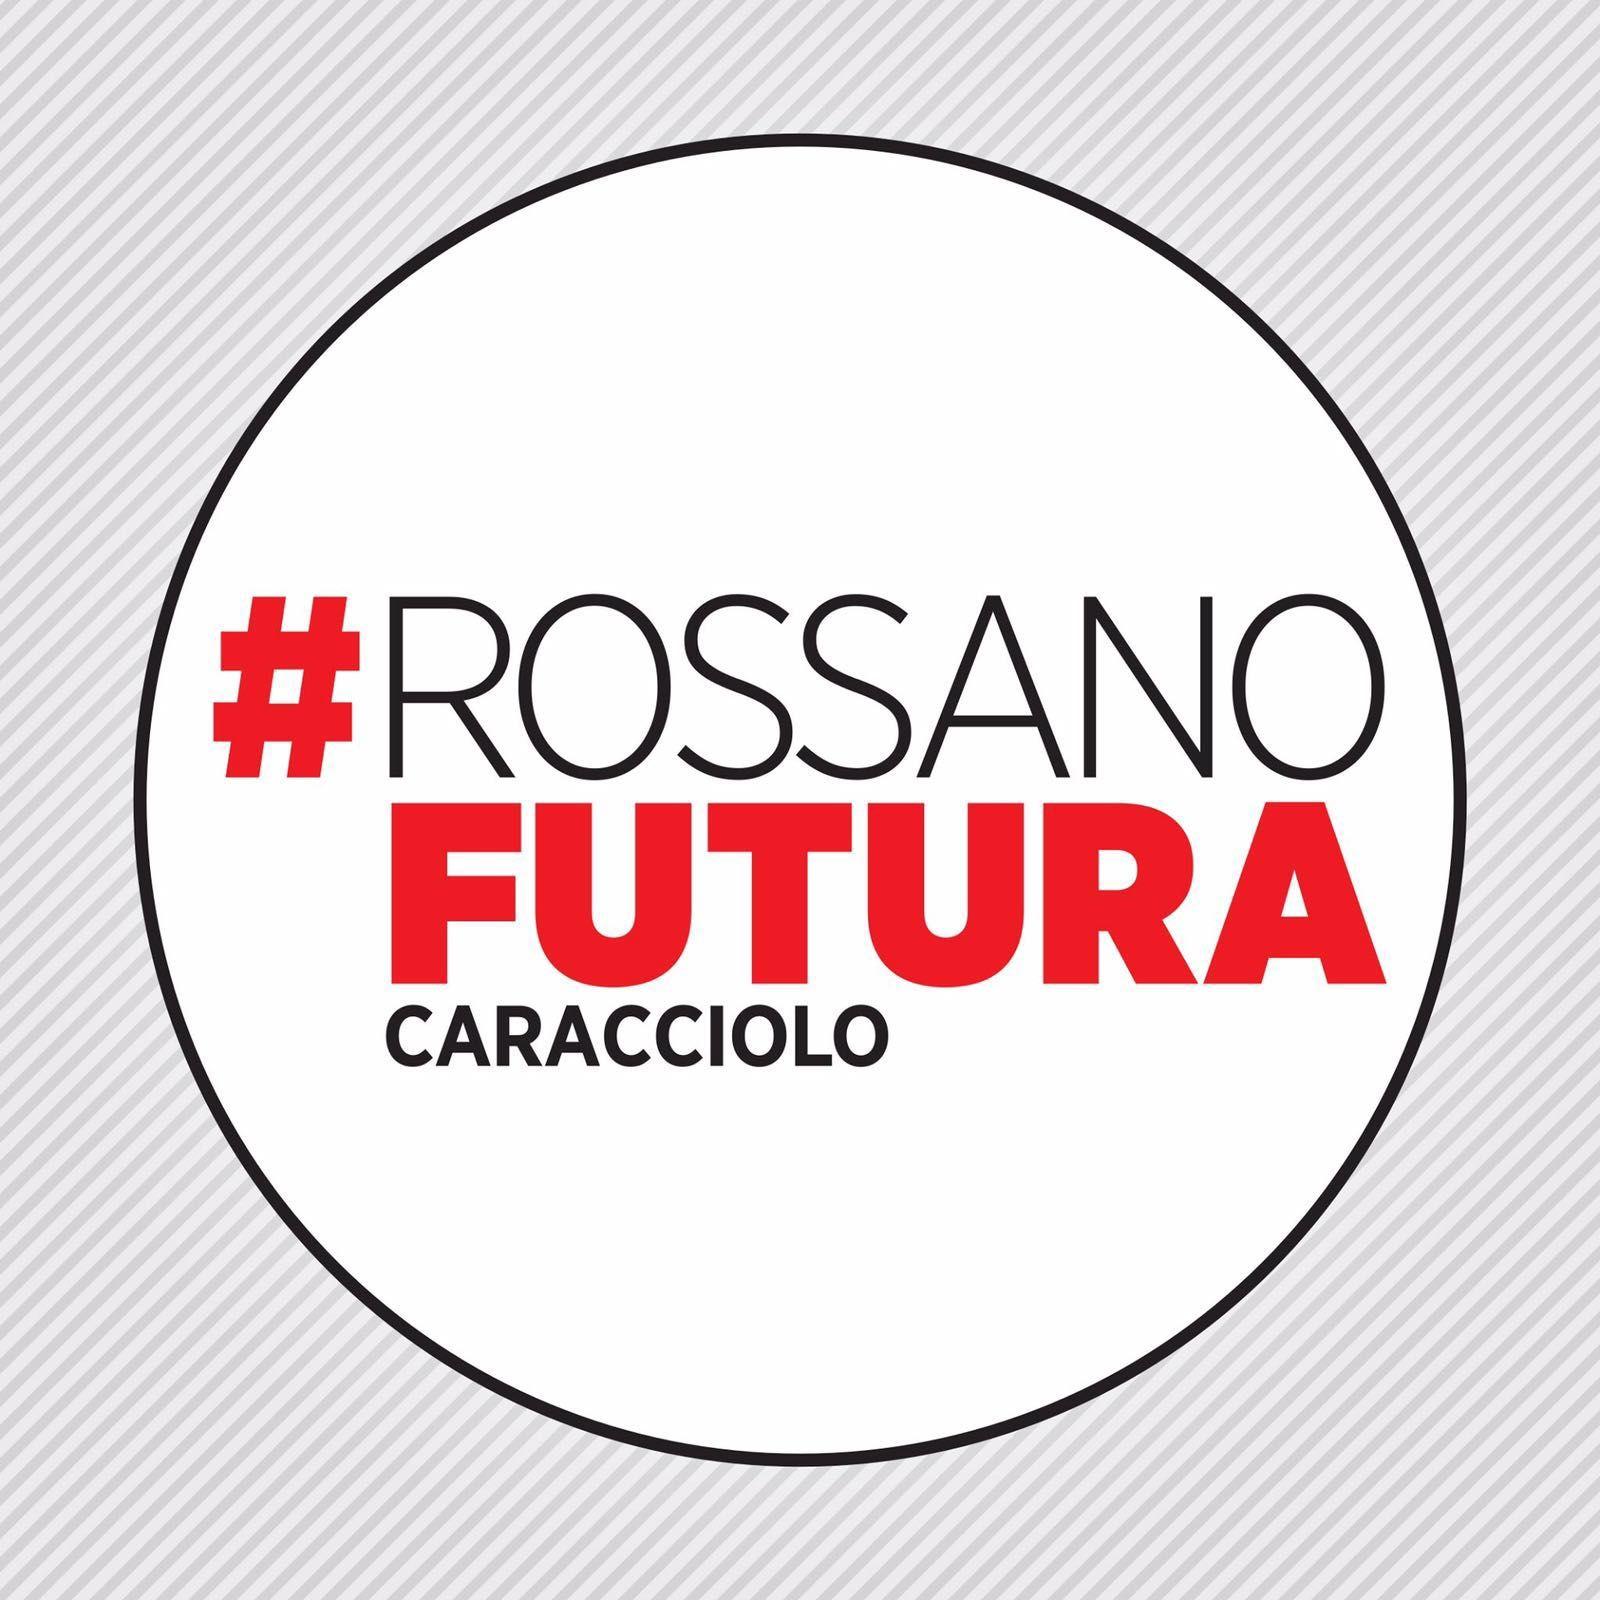 rossano_futura_logo